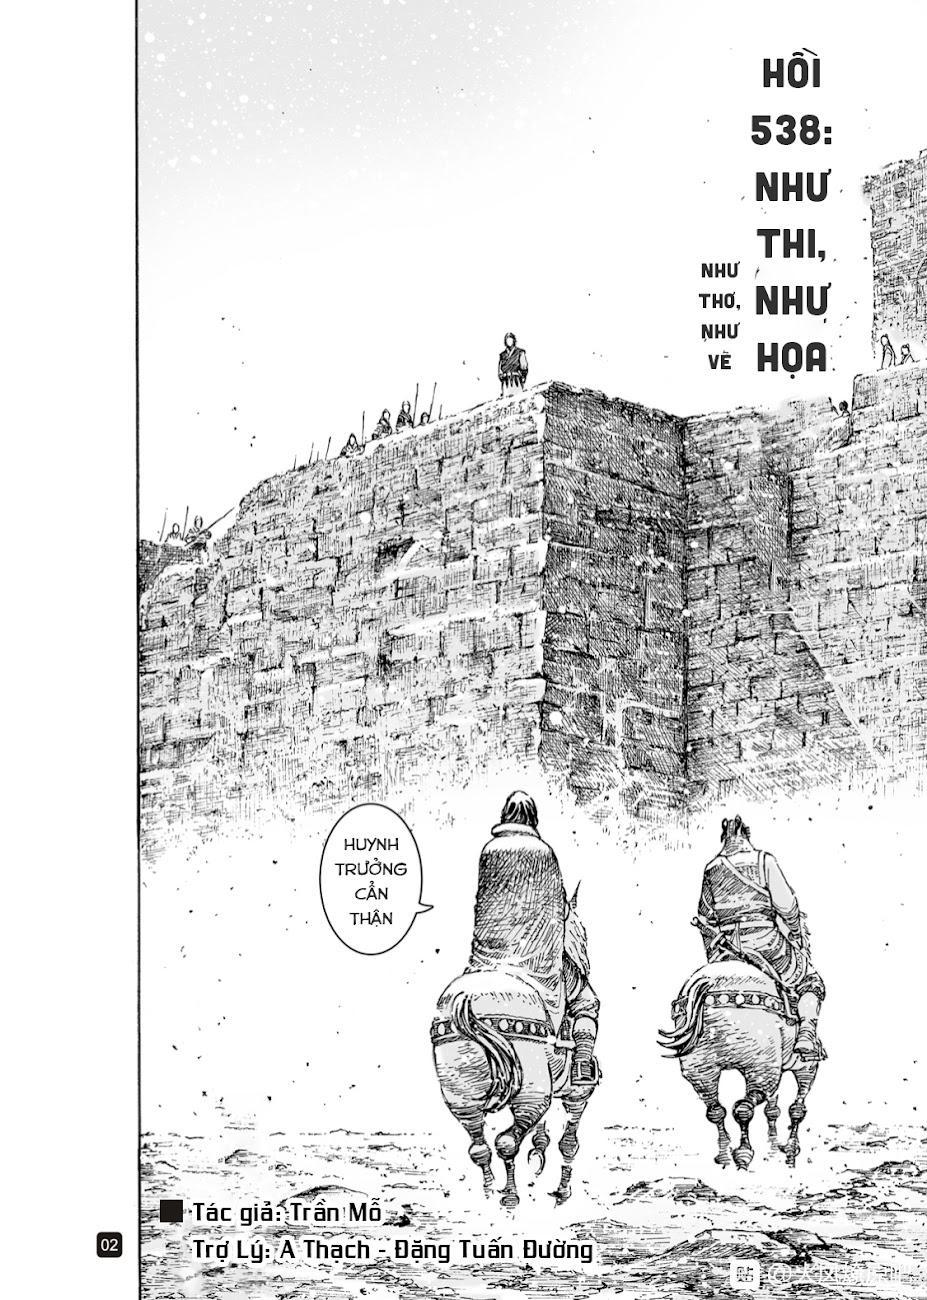 Hỏa phụng liêu nguyên Chương 538: Như thi như họa trang 2